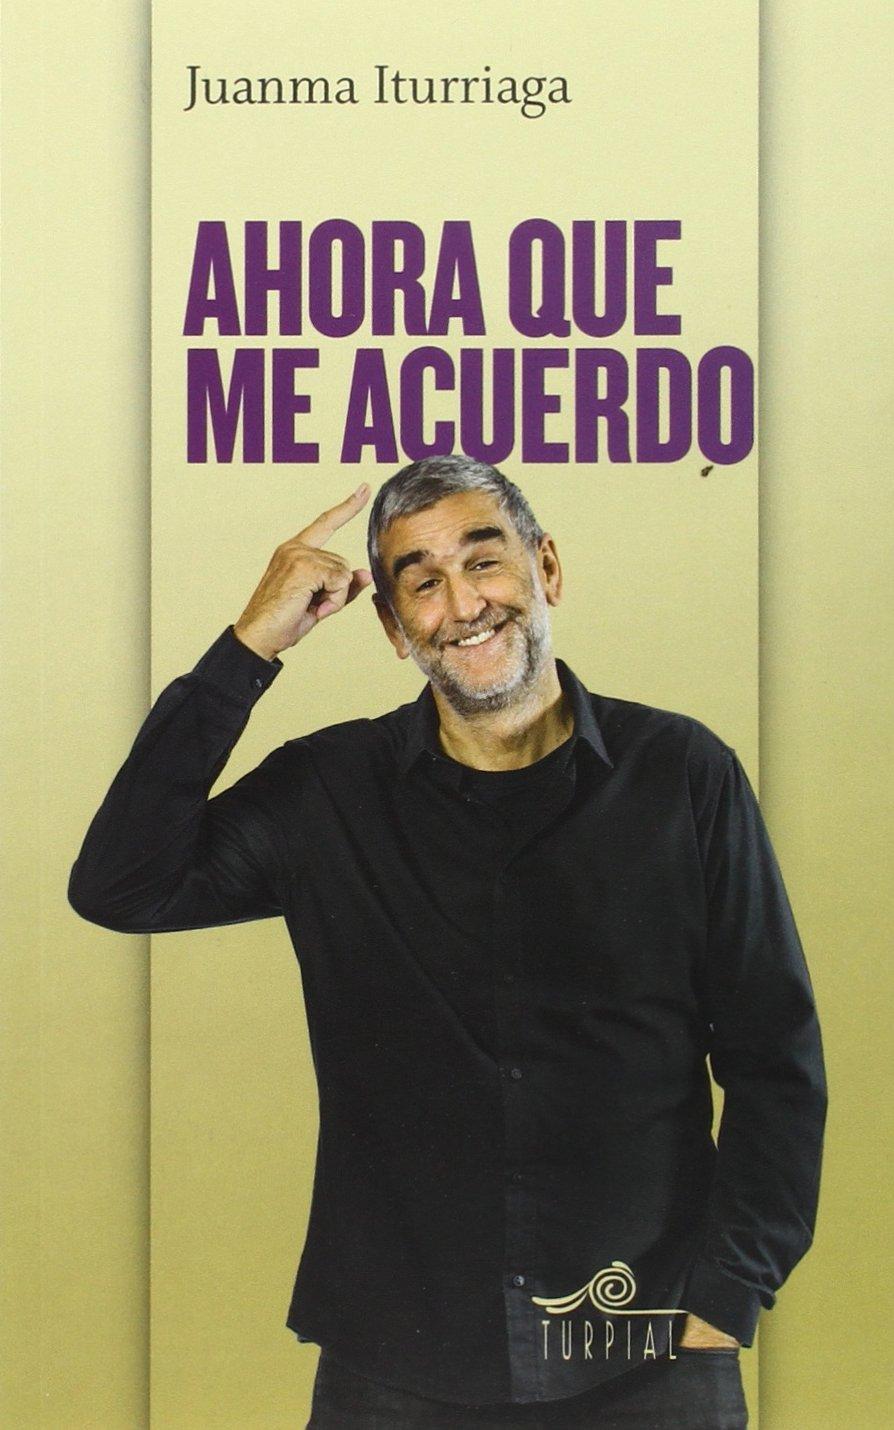 Ahora que me acuerdo (Mirador) Tapa blanda – 28 oct 2014 Juan Manuel Lopez Iturriaga Ediciones Turpial S.A. 8495157764